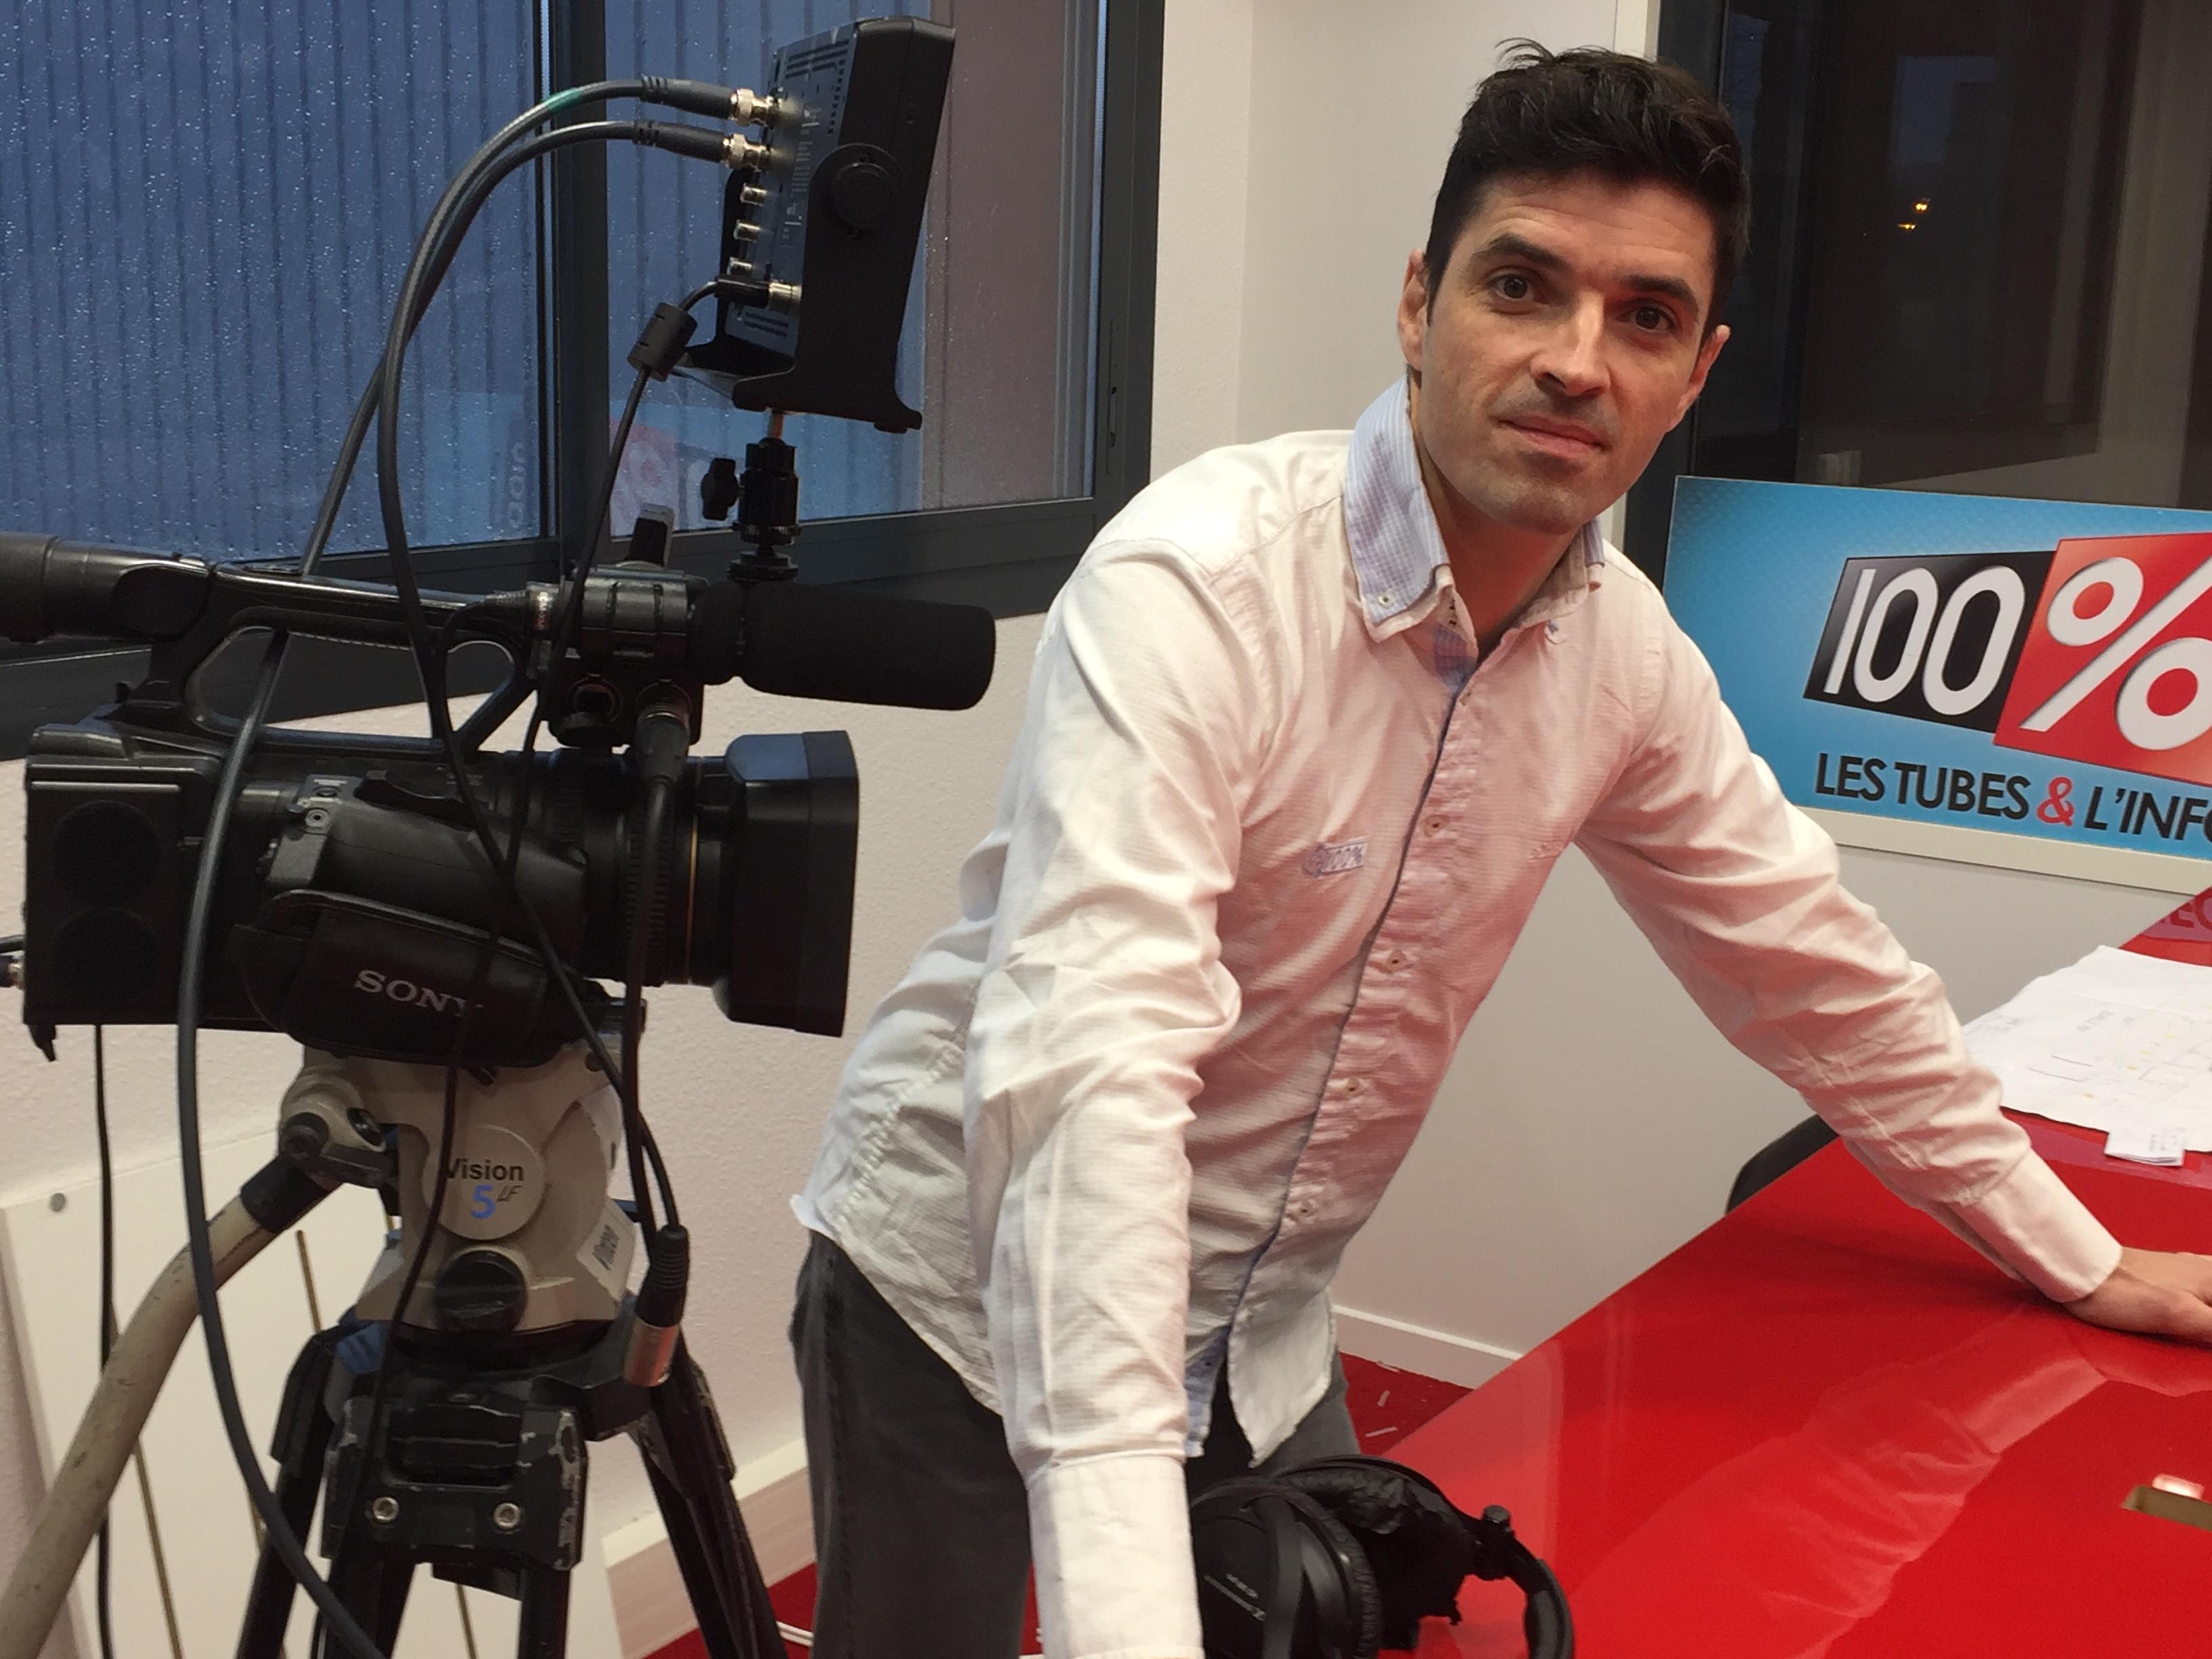 Brice Vidal est journaliste à 100%, il est aussi un collaborateur régulier à La Lettre Pro de la Radio